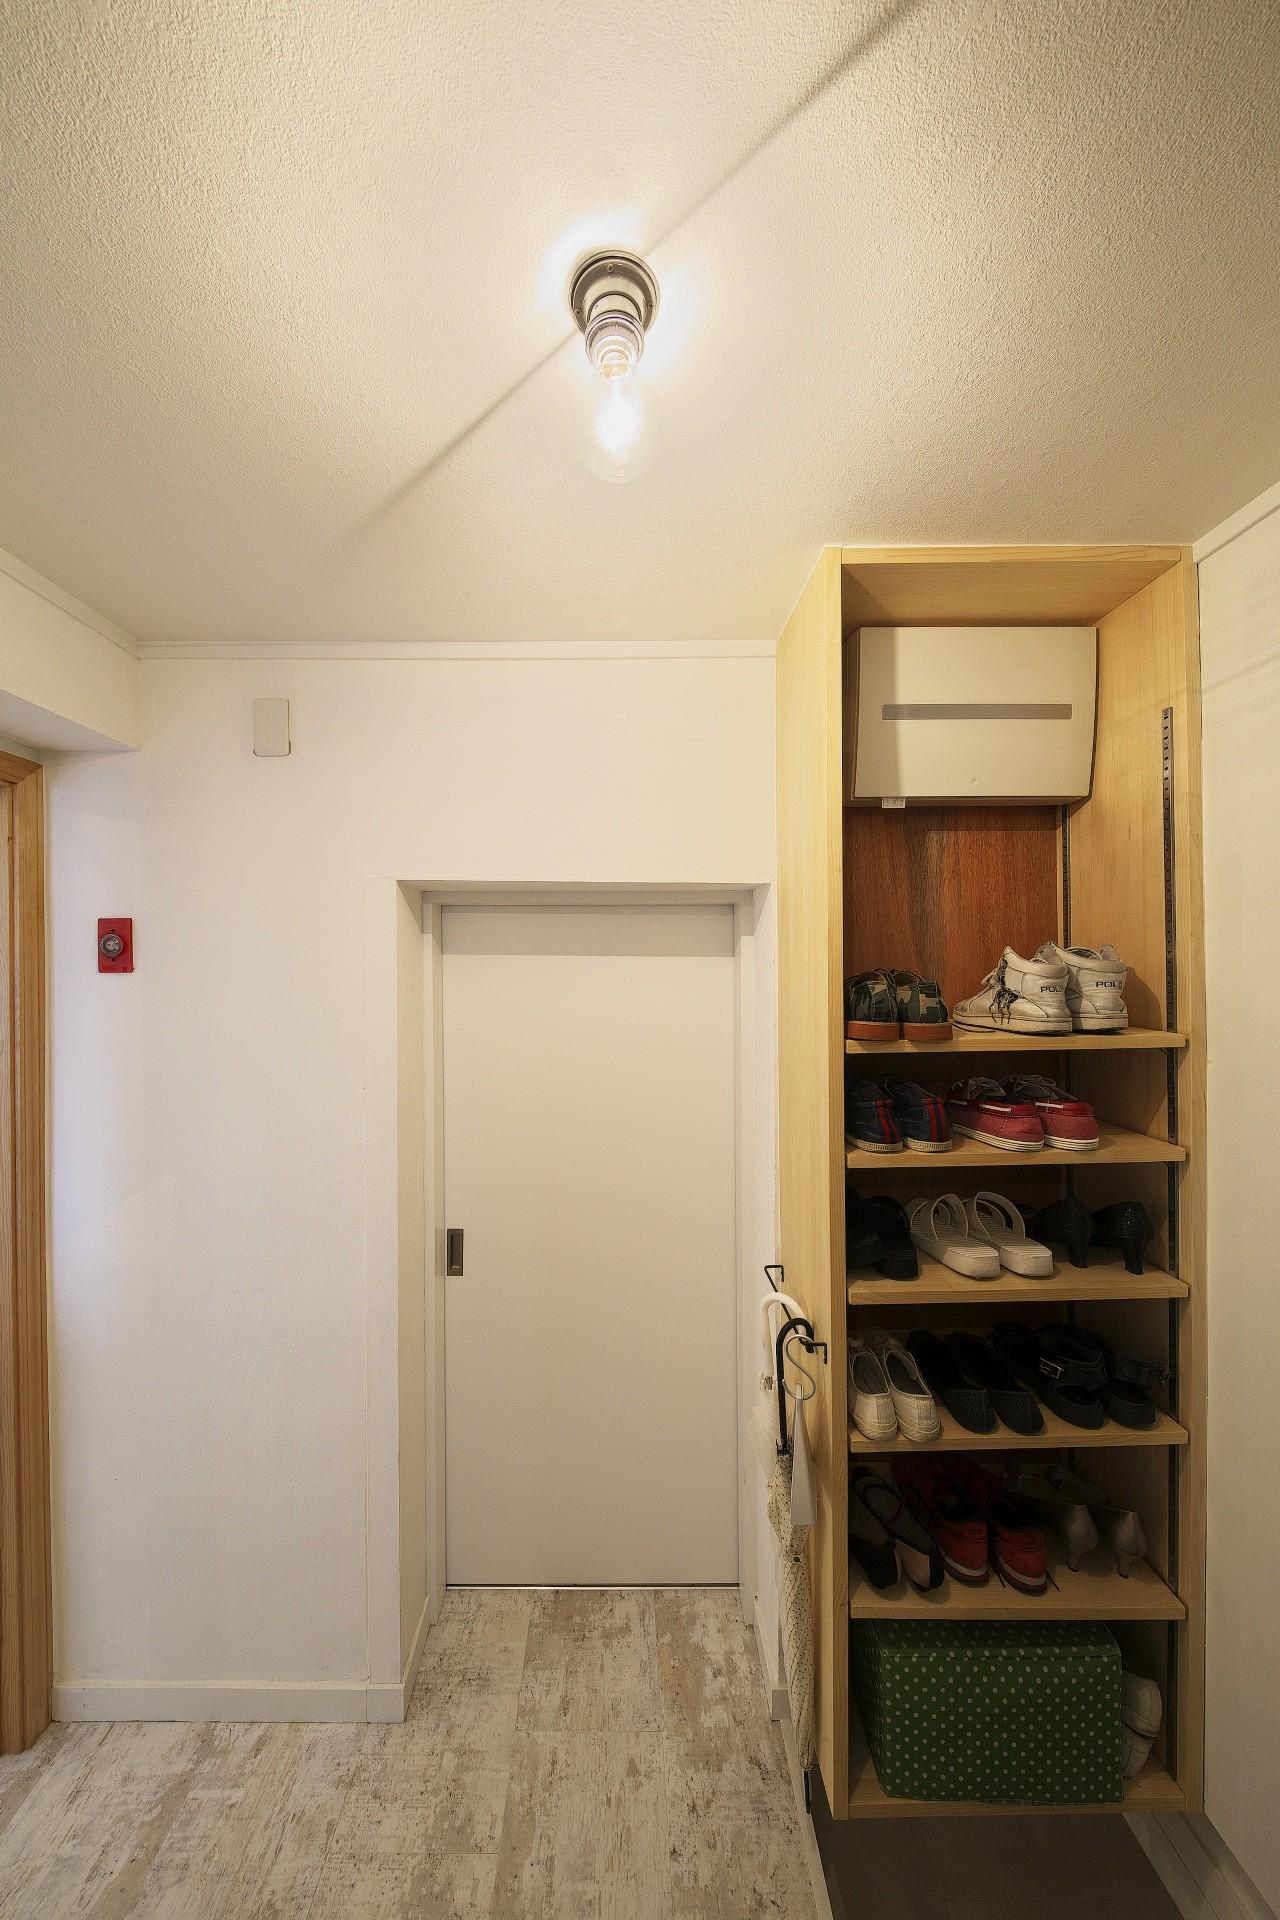 玄関事例:玄関(中古マンションと「私たちらしい、住まい。」)